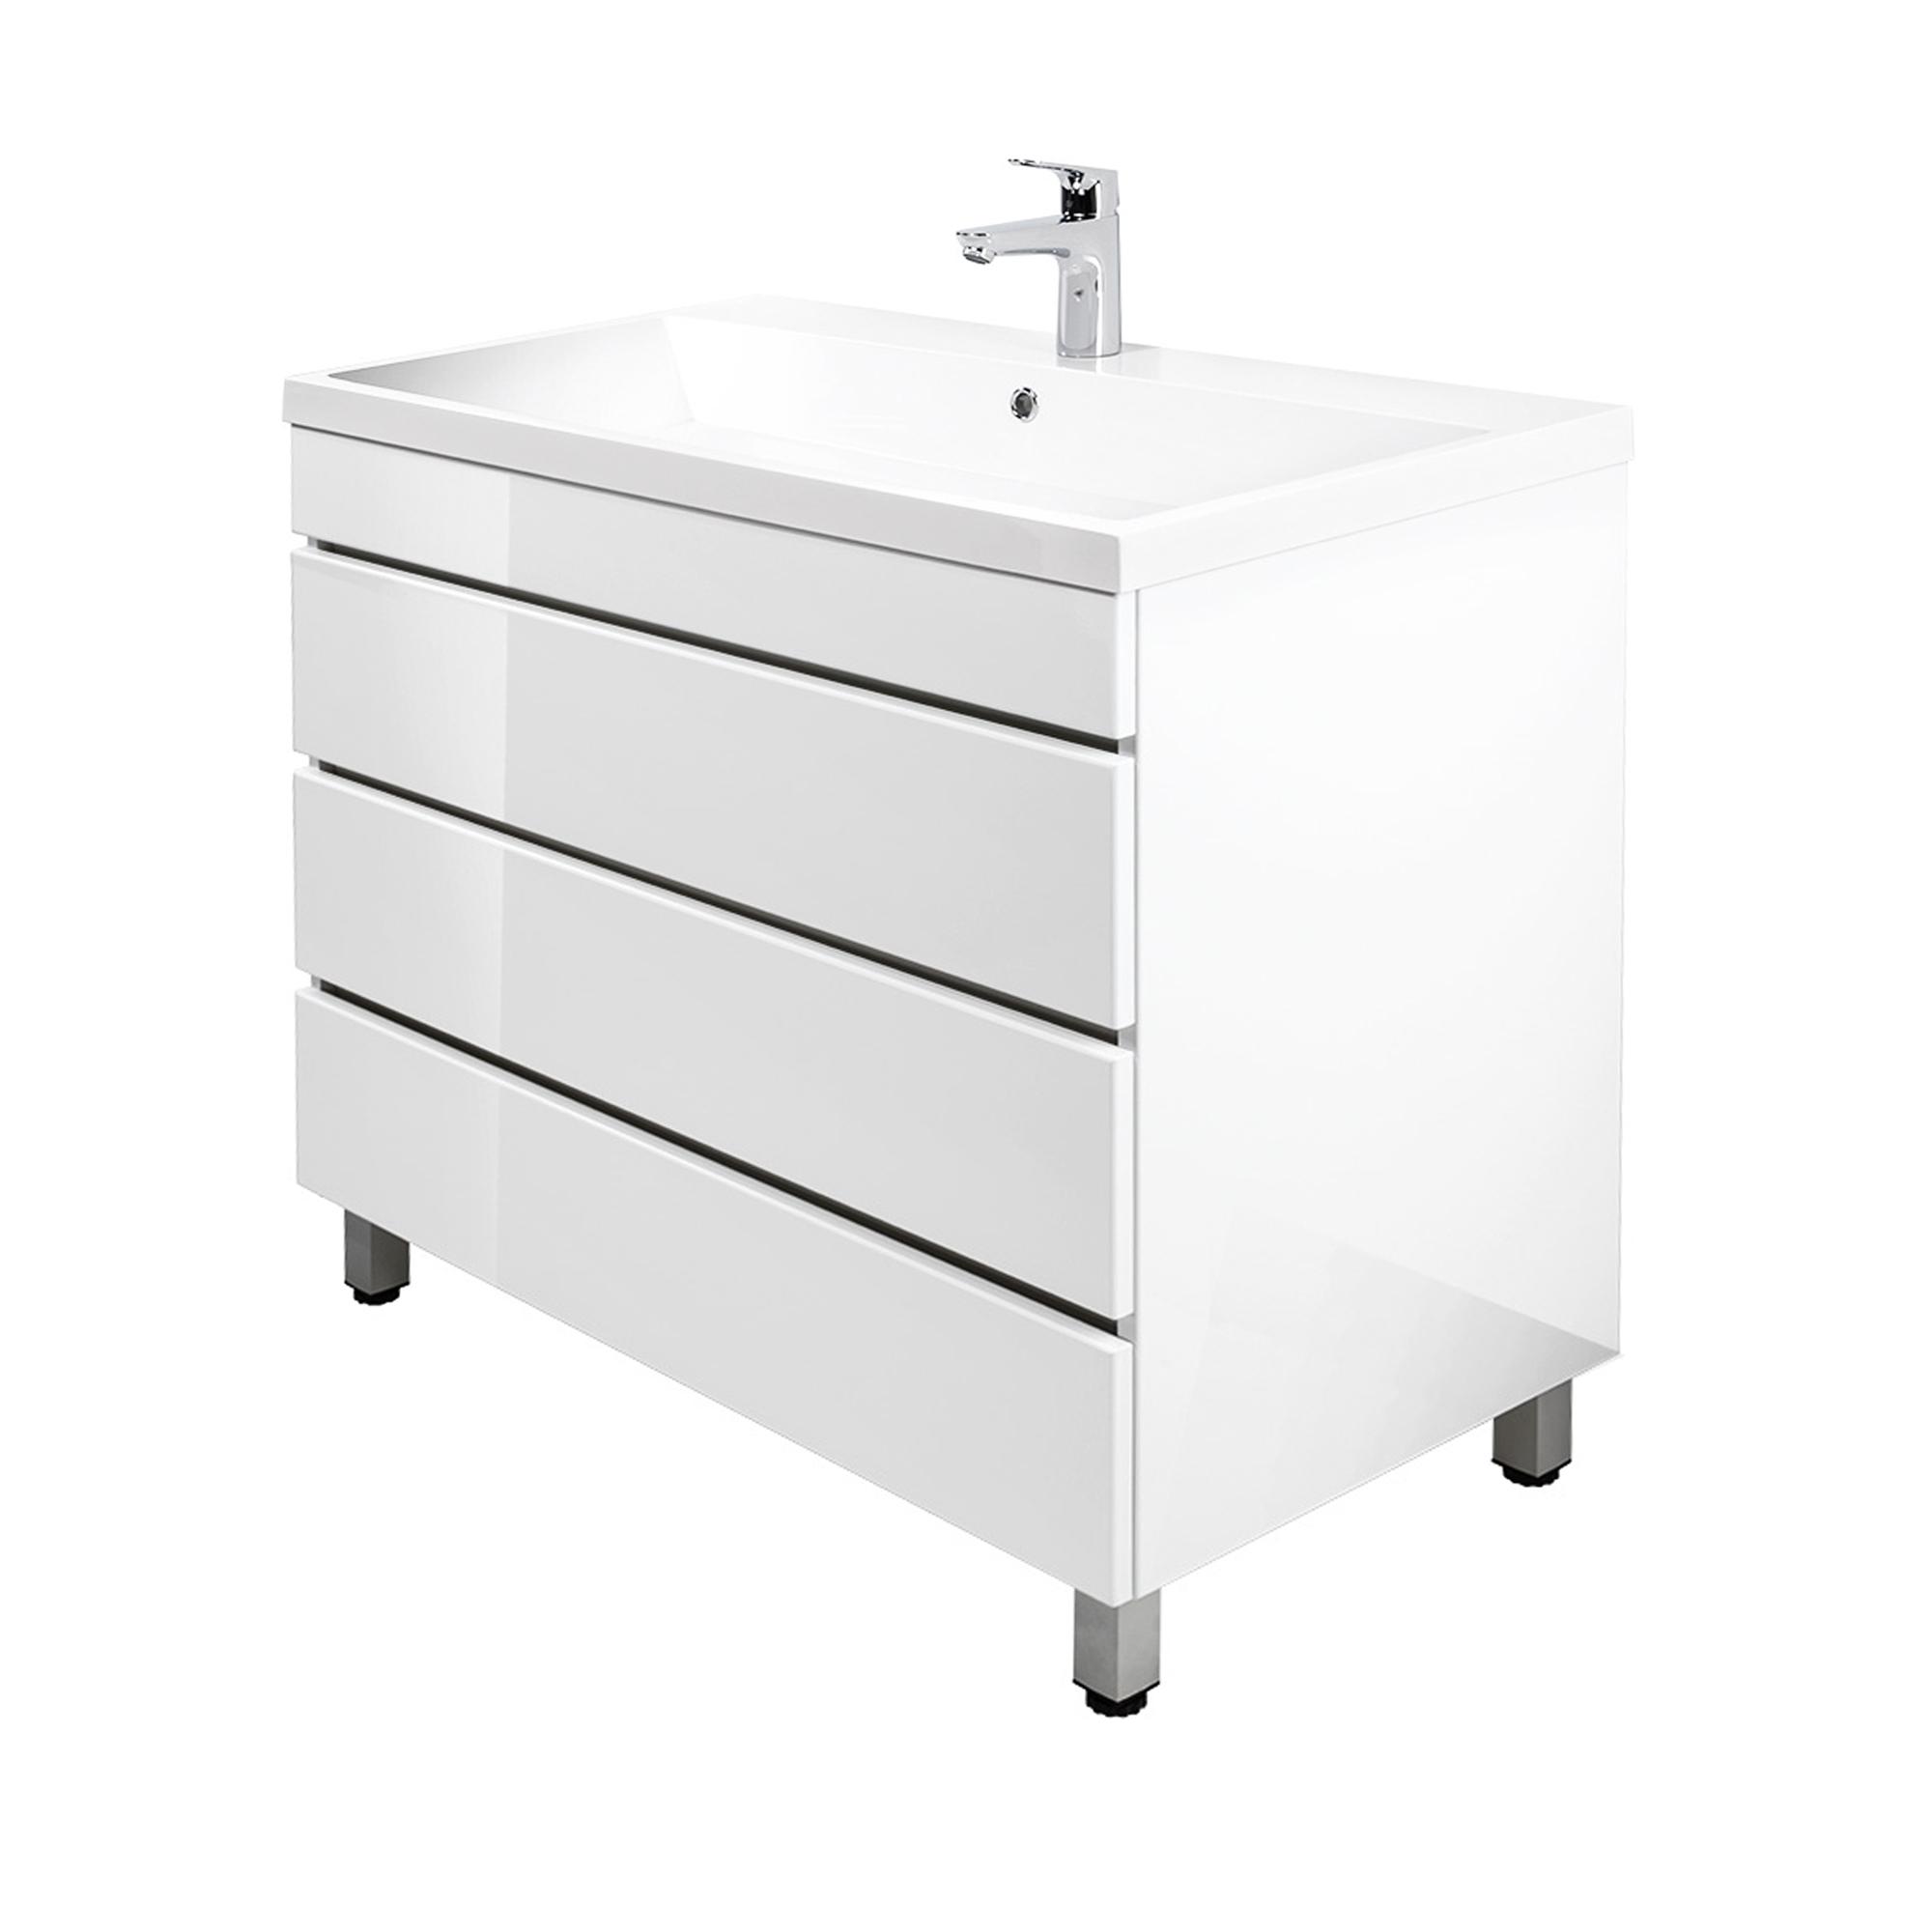 waschtischunterschrank mit waschbecken waschbeckenschrank 91 cm hochglanz weiss ebay. Black Bedroom Furniture Sets. Home Design Ideas